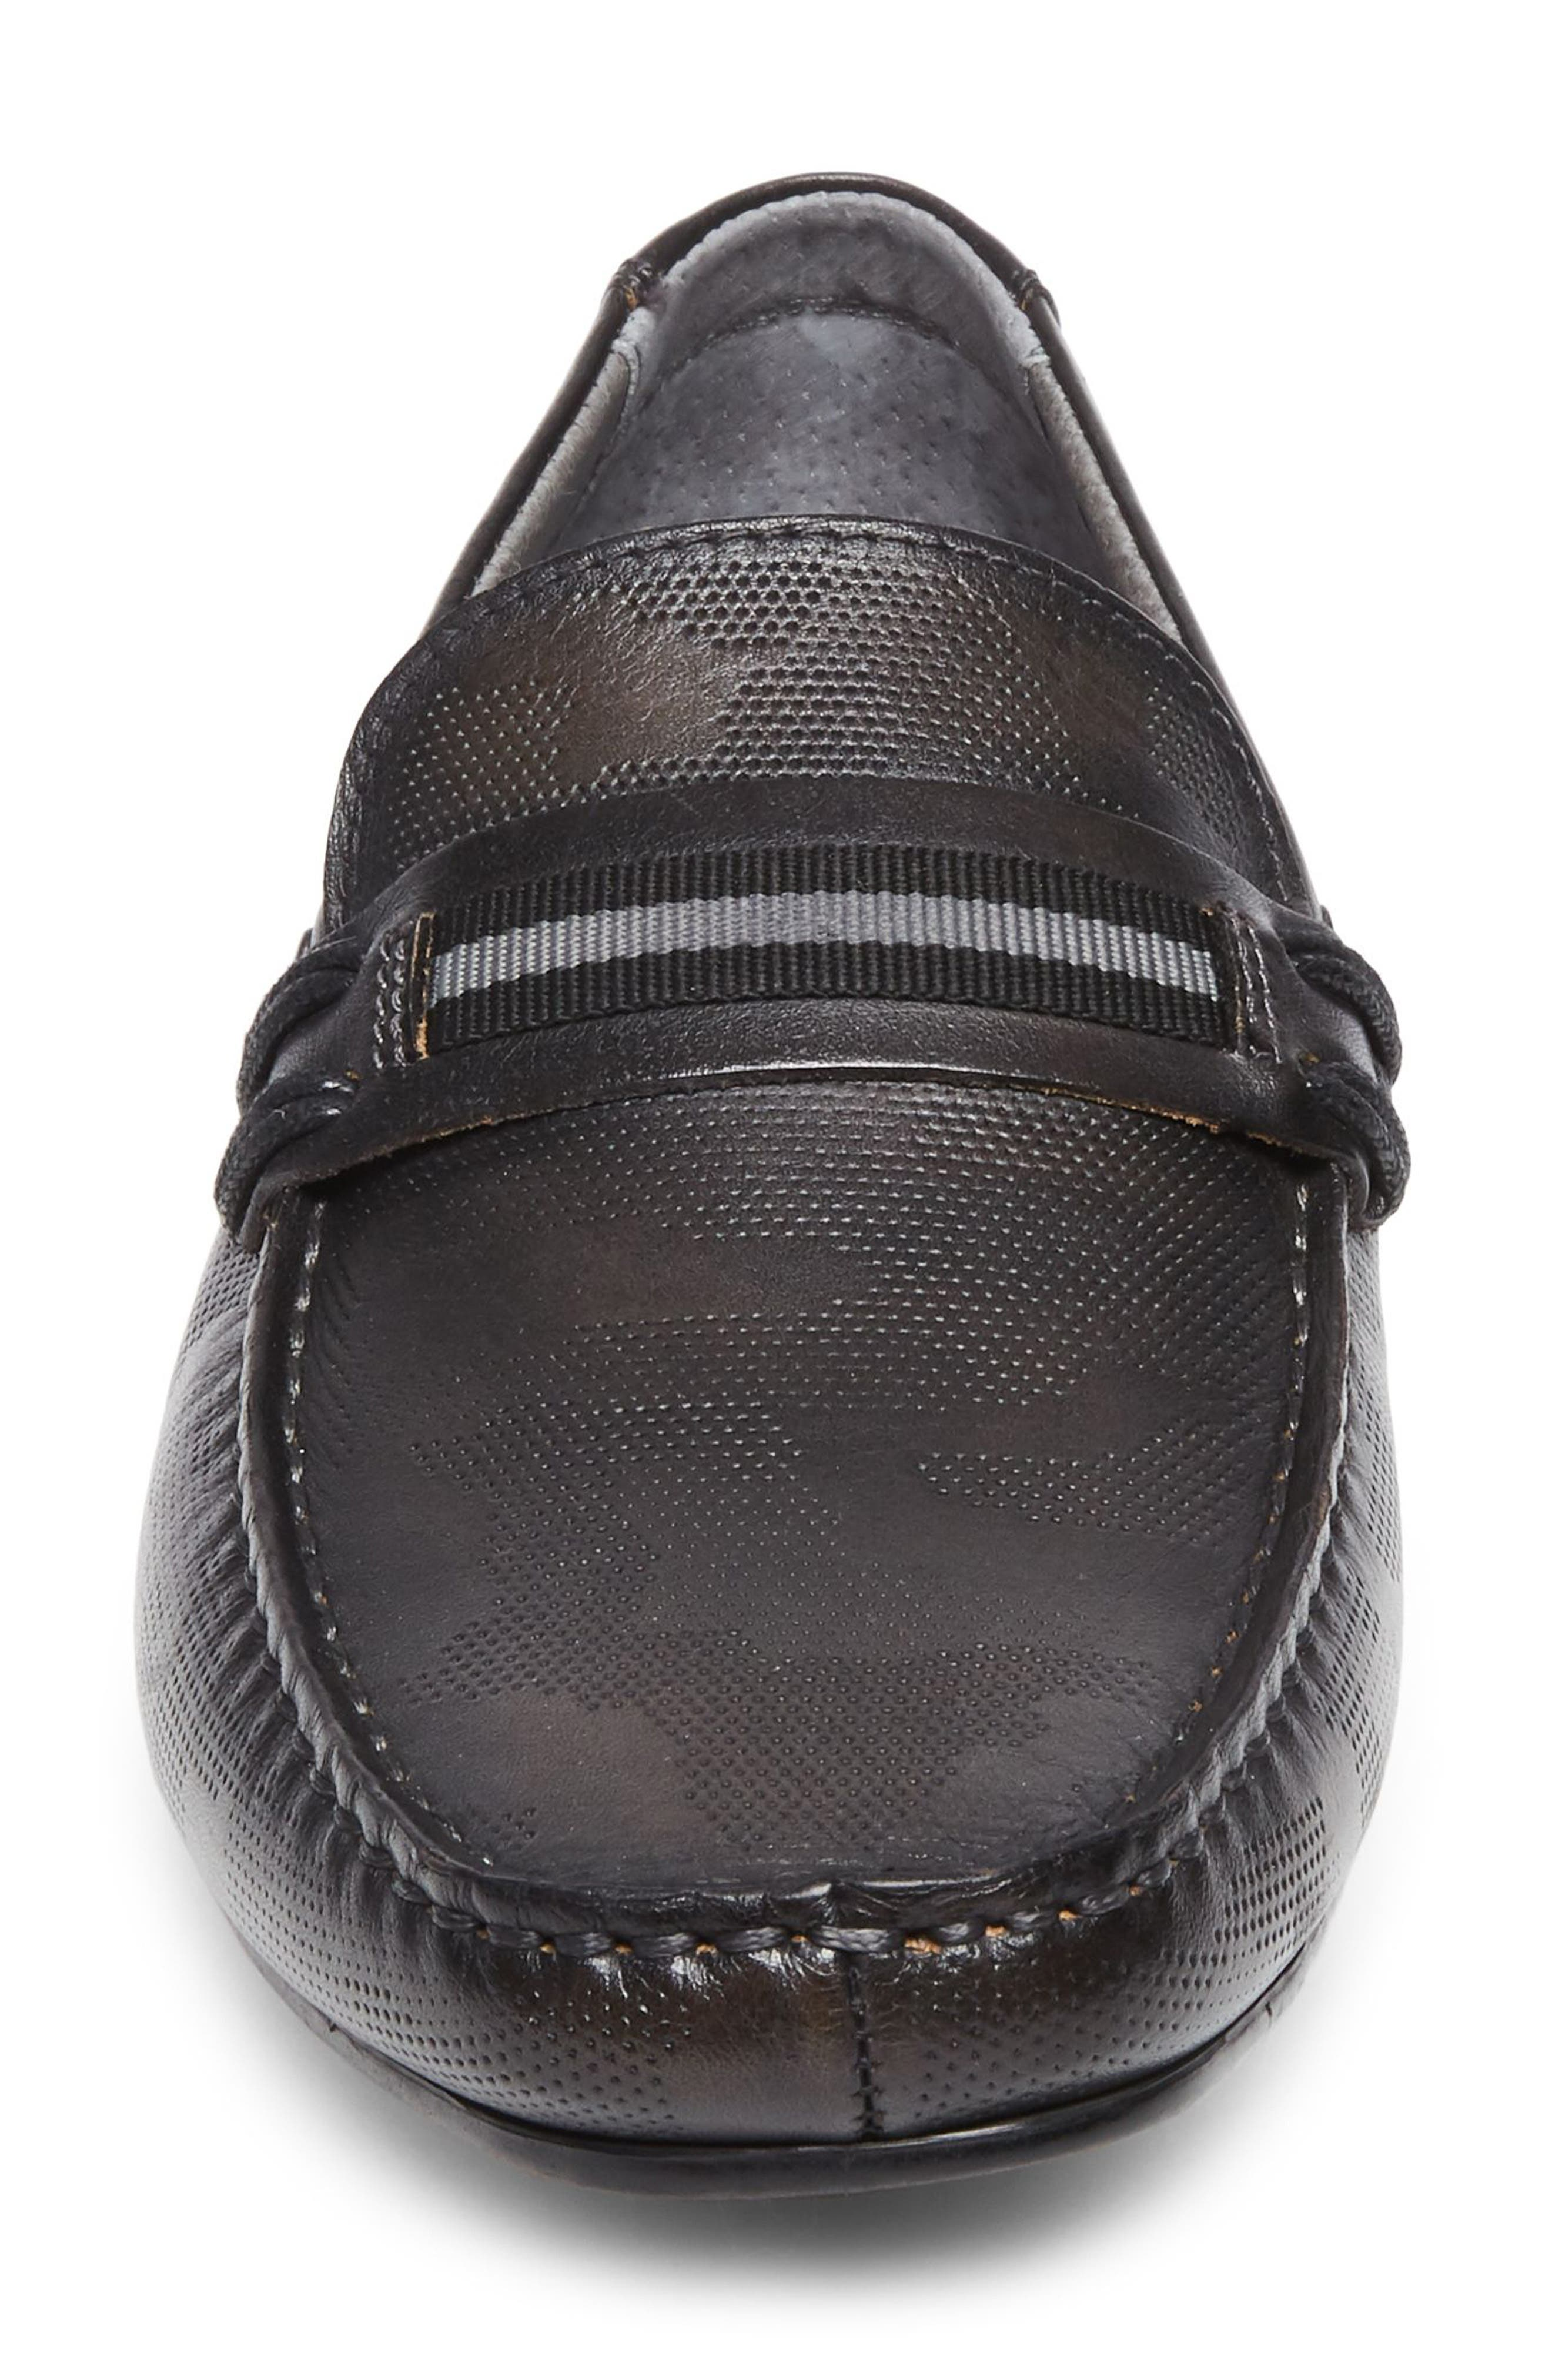 Garvet Textured Driving Loafer,                             Alternate thumbnail 4, color,                             001